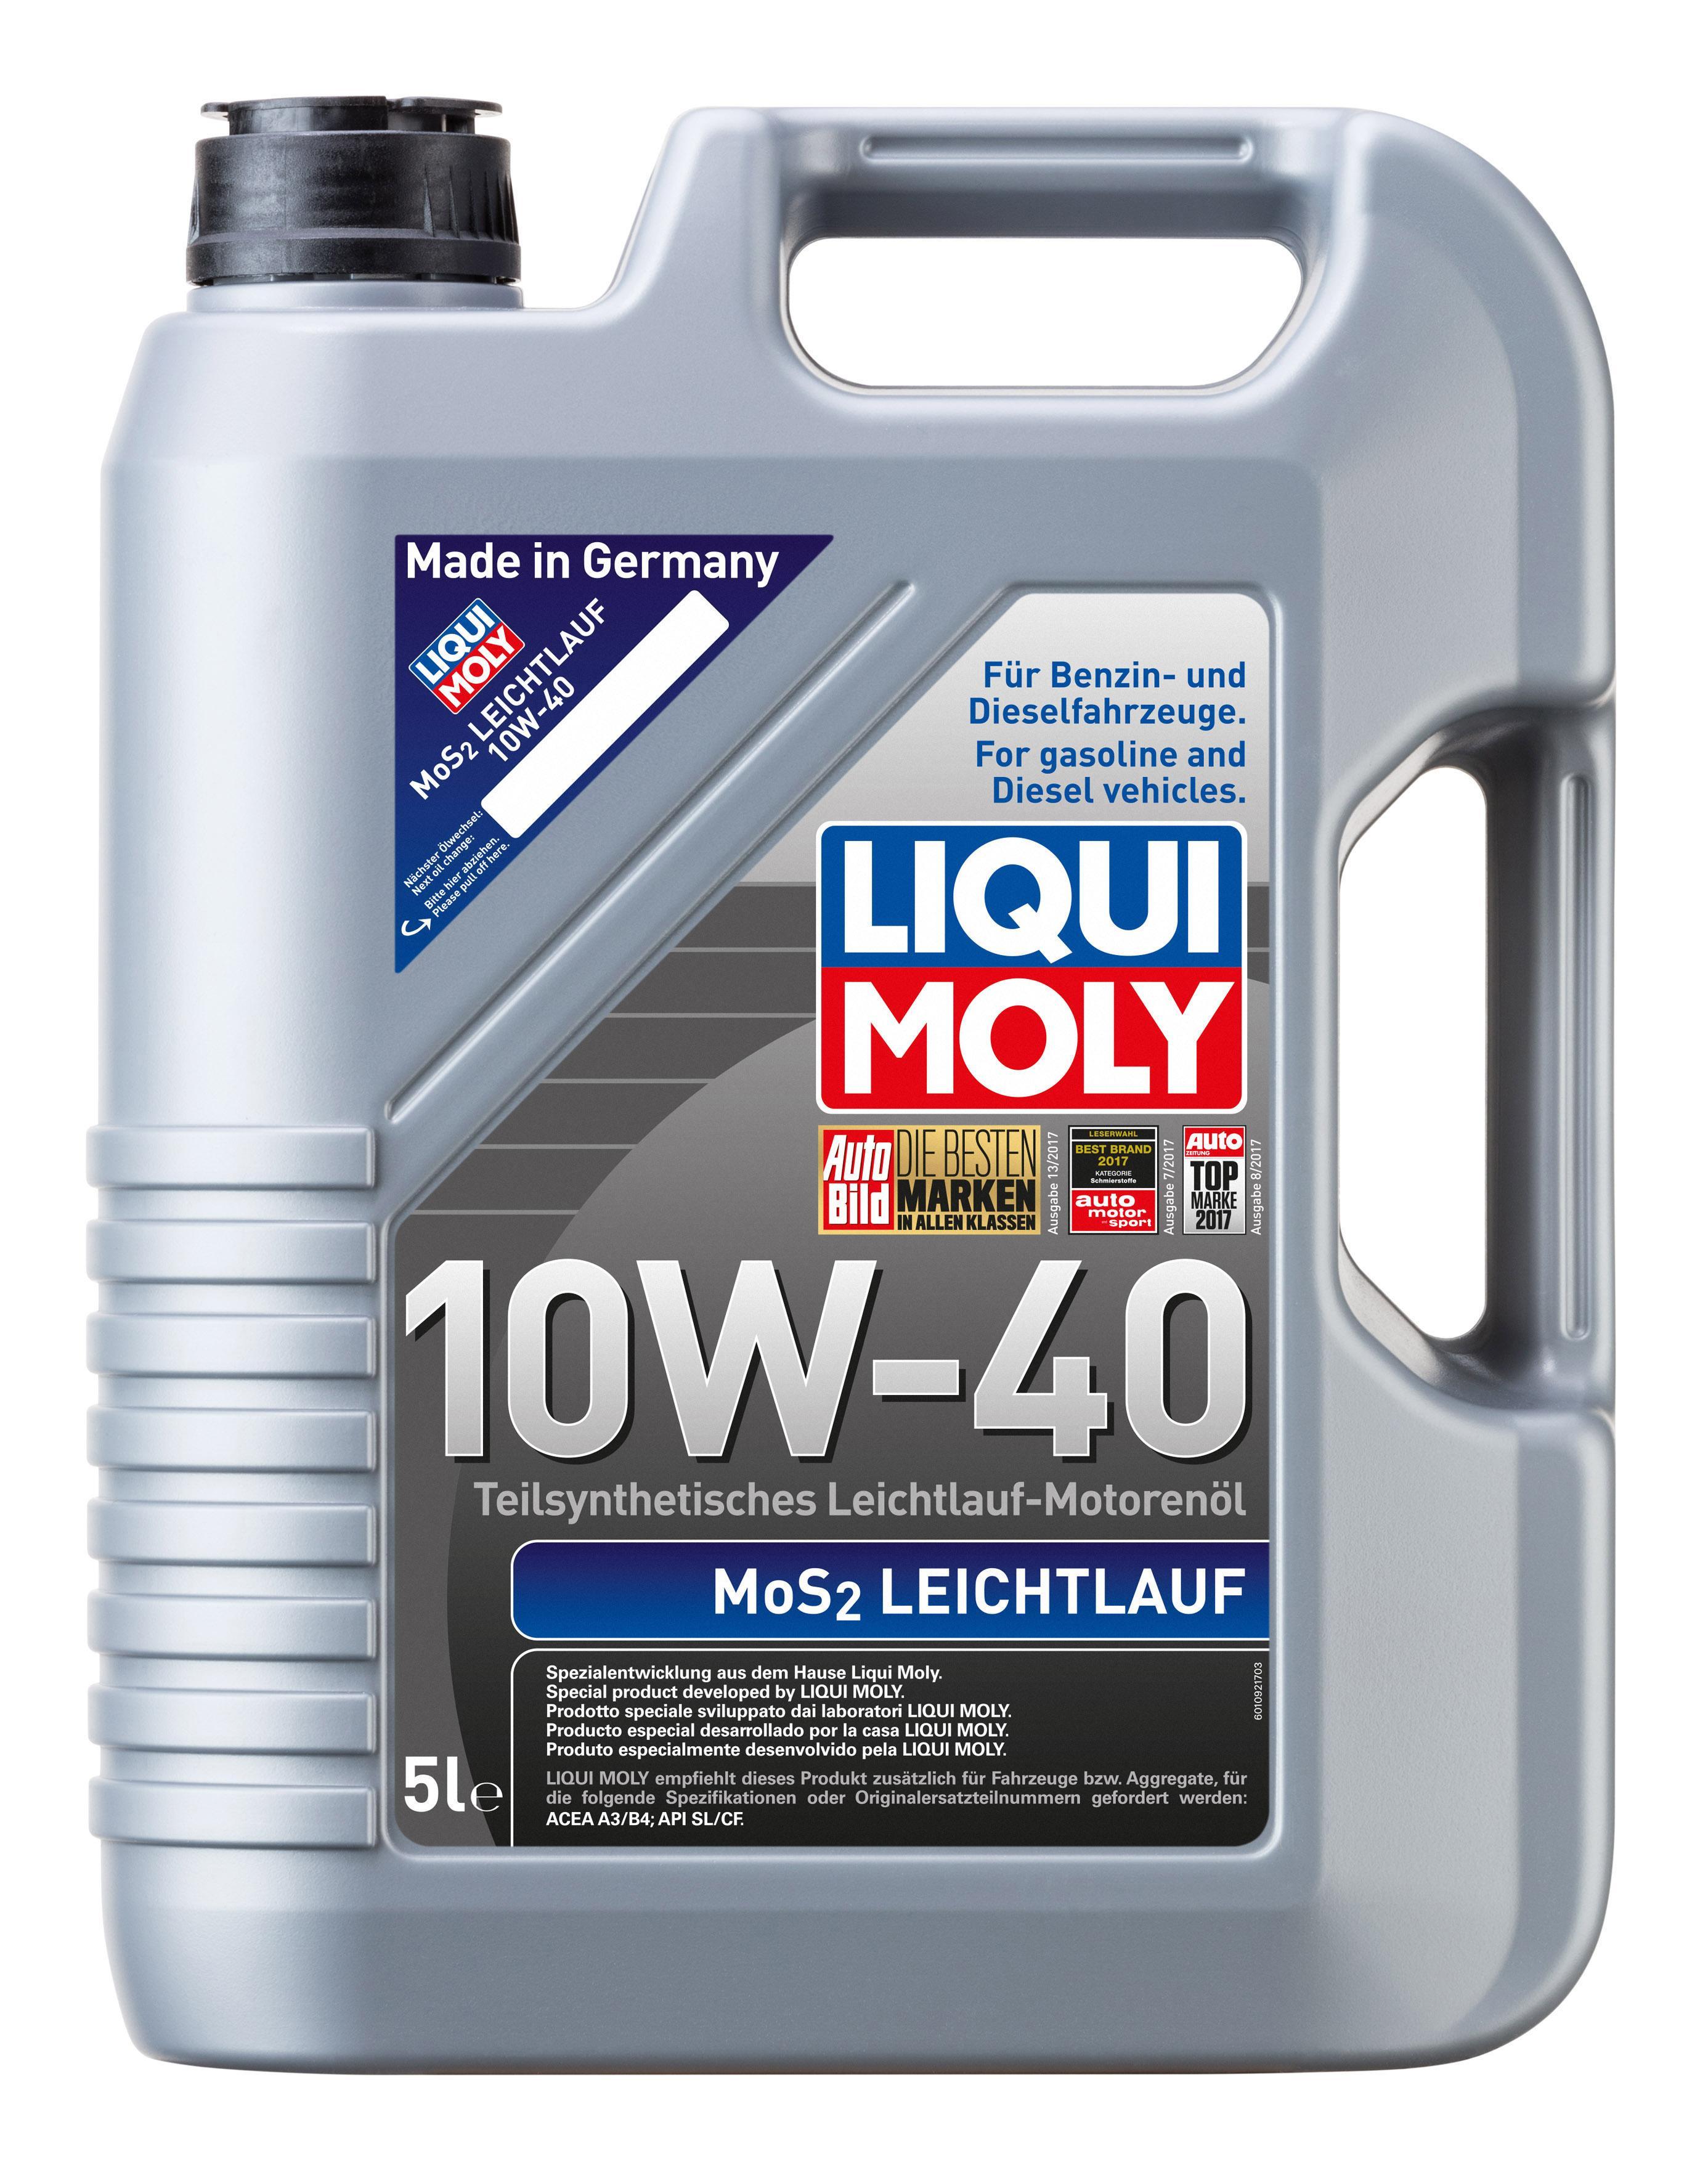 Motorový olej 1092 OPEL CALIBRA A v zľave – kupujte hneď!